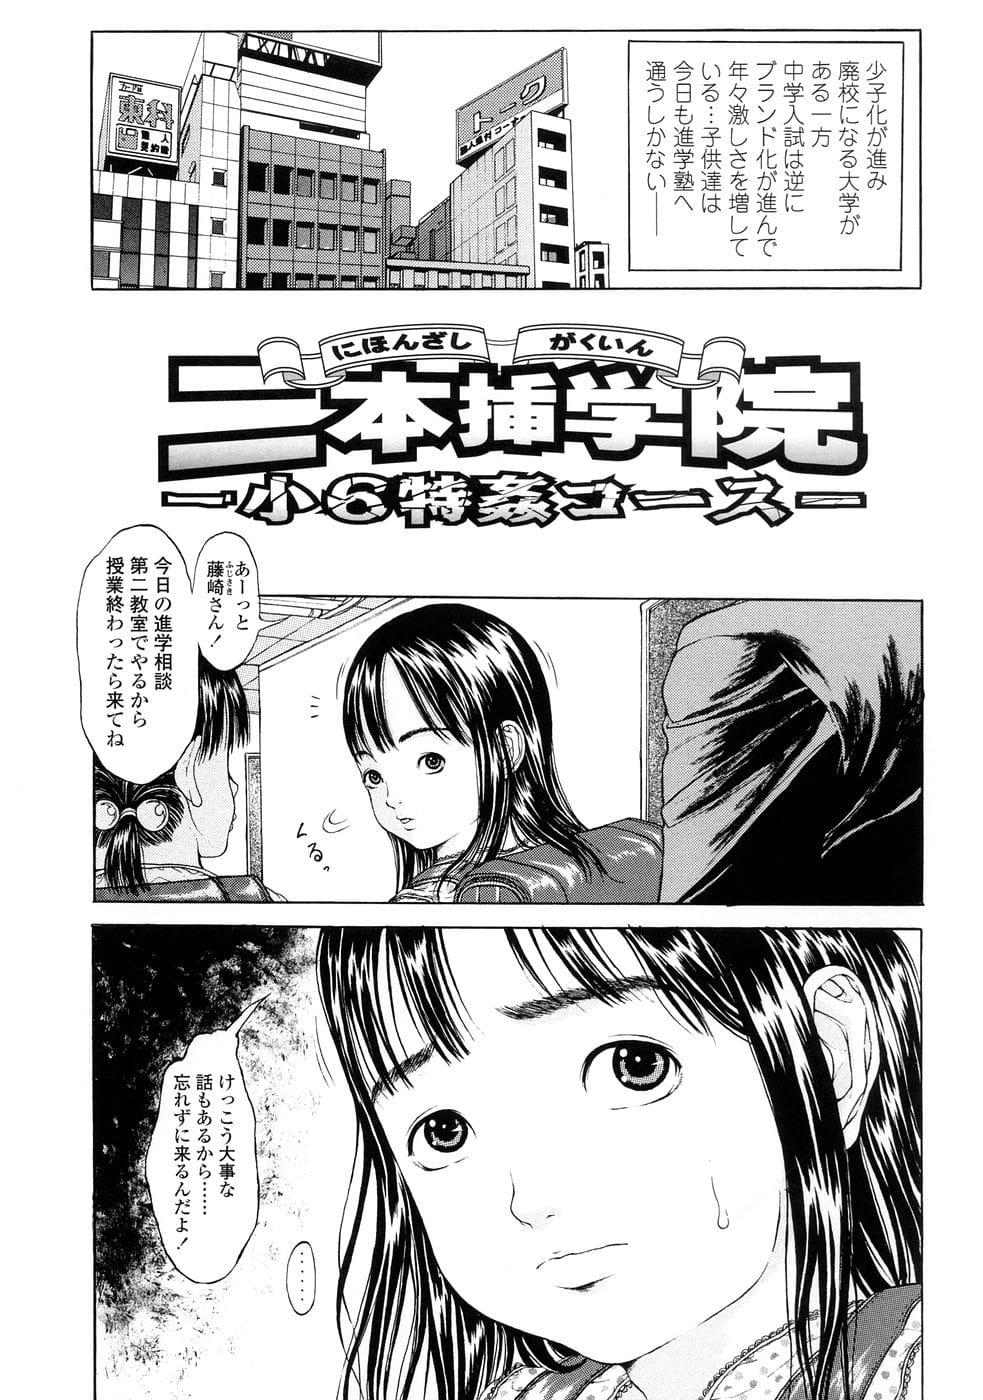 単行本エロ漫画第4話名門中学への入学を餌に教え子の小6少女を輪姦